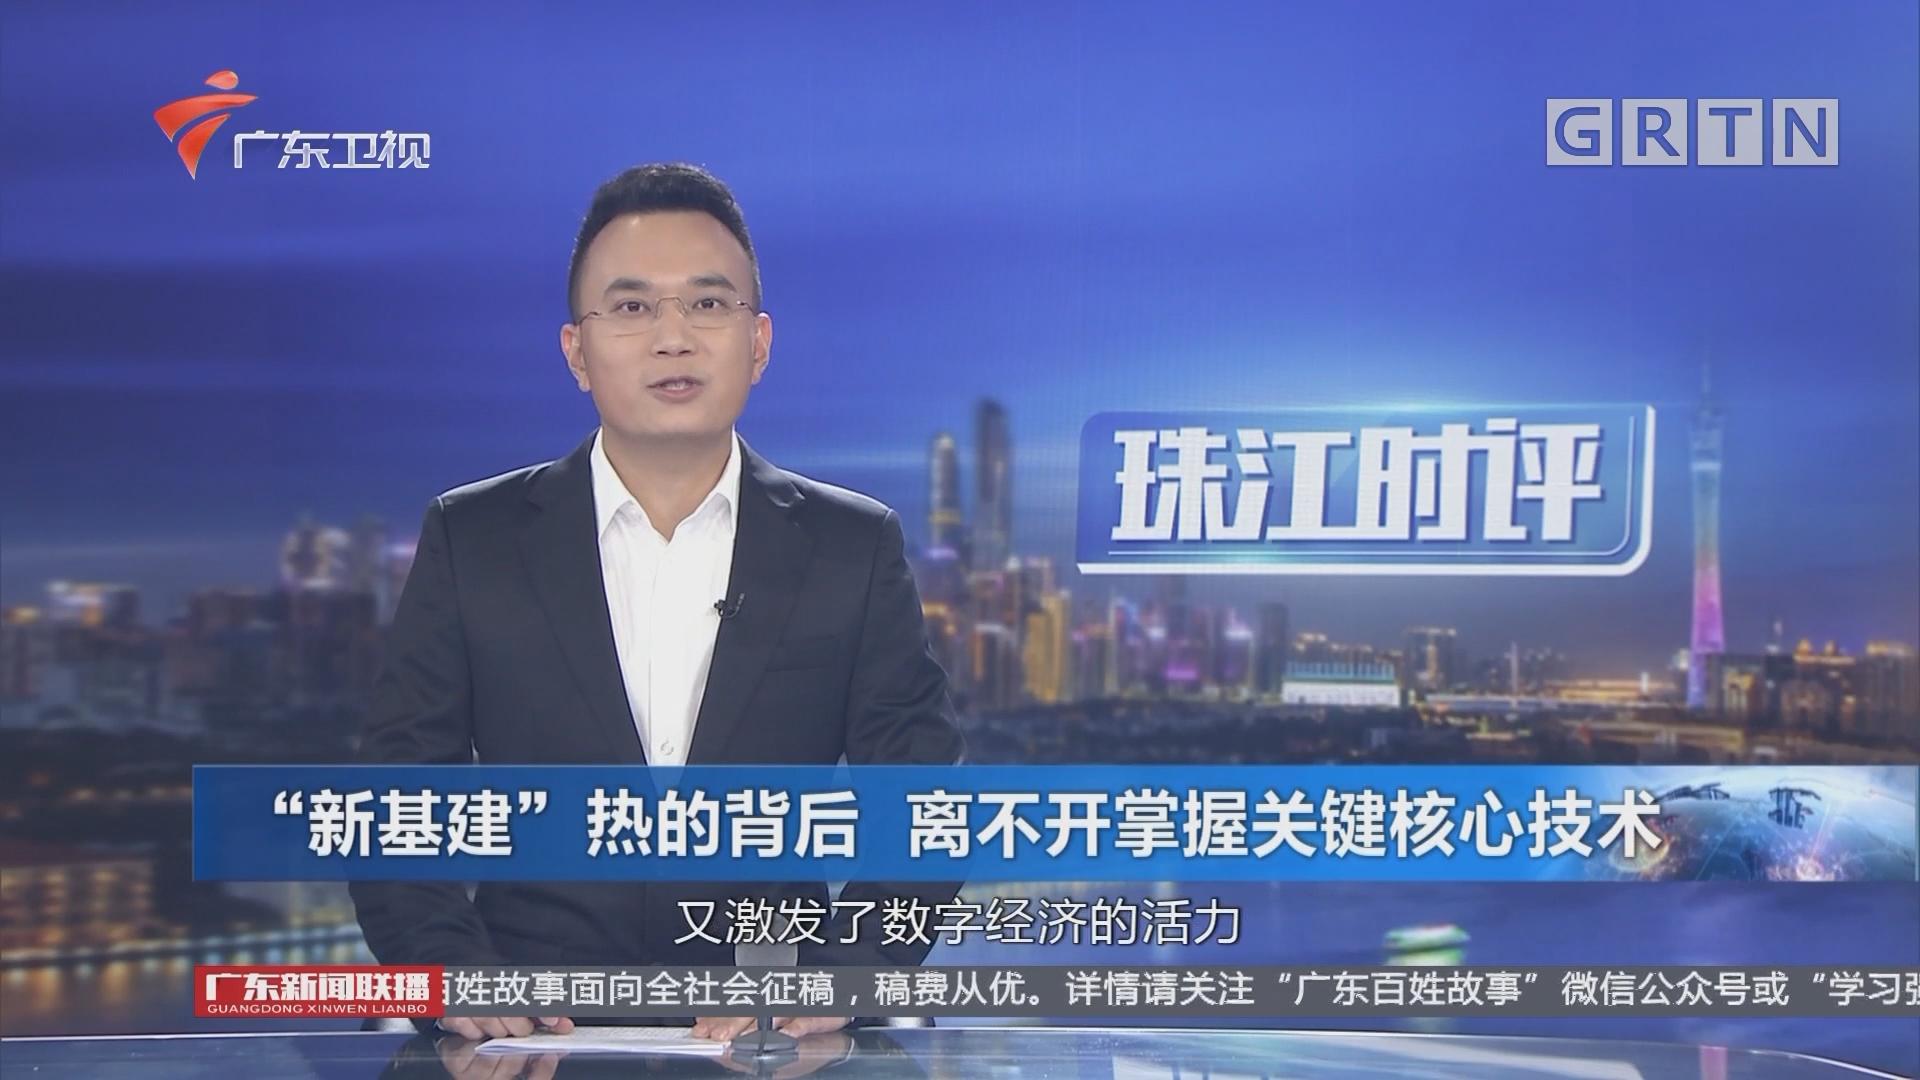 """珠江時評:""""新基建""""熱的背后 離不開掌握關鍵核心技術"""